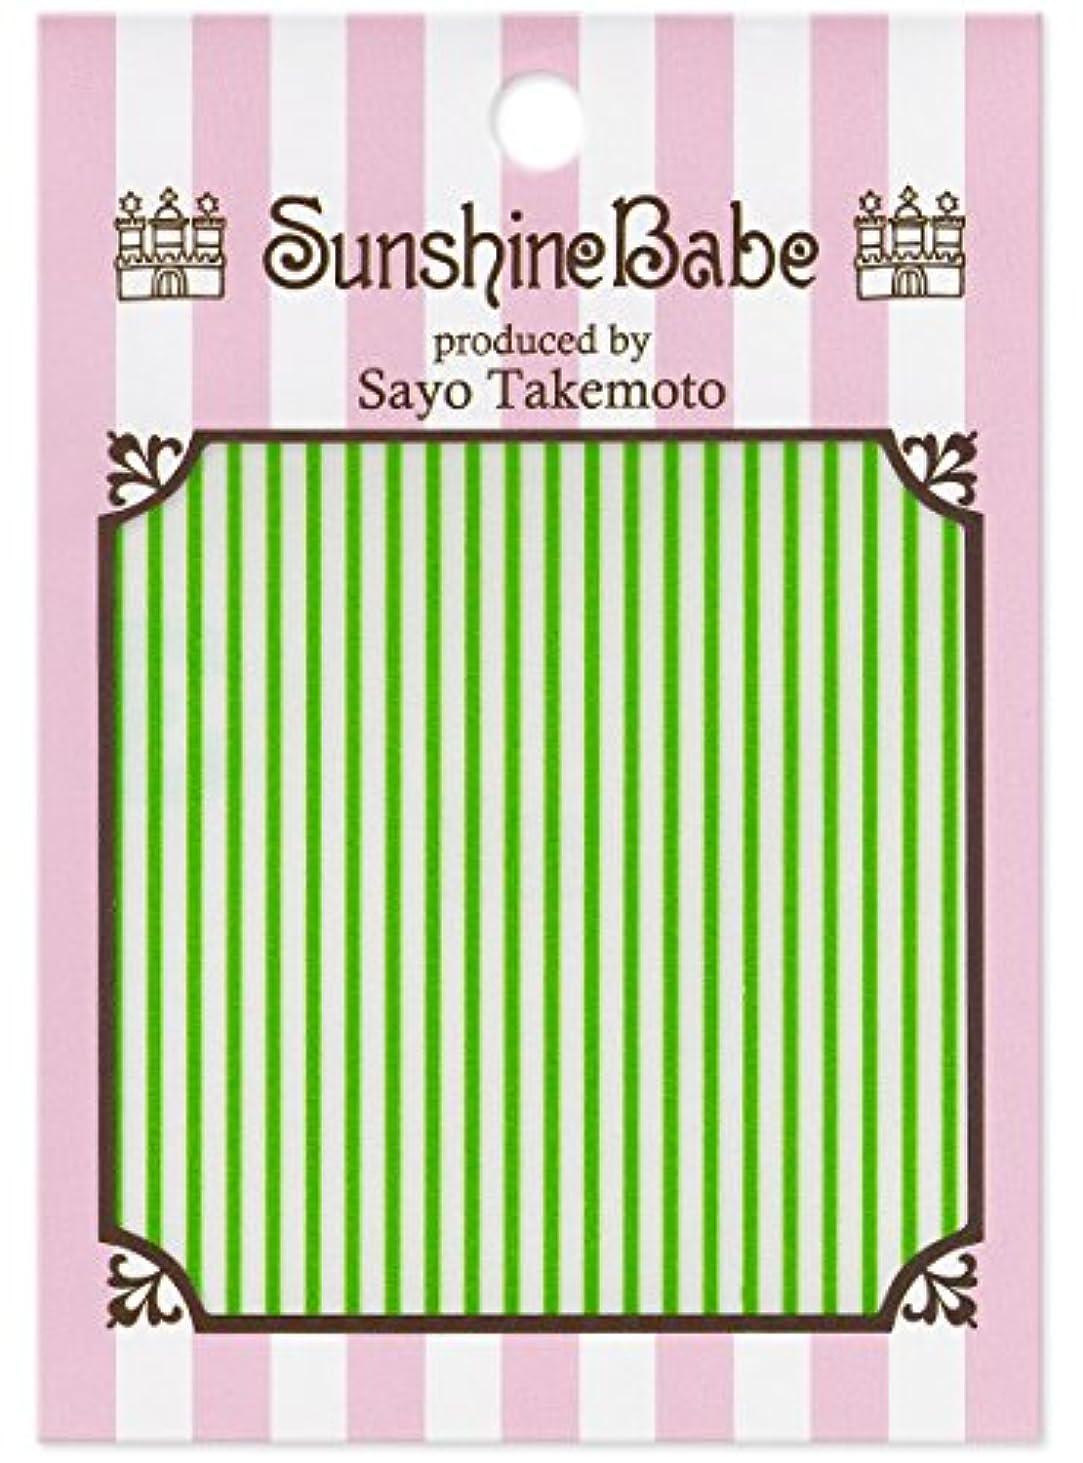 とにかく逃すスムーズにサンシャインベビー ジェルネイル 武本小夜のネイルシール Sayo Style ストライプ 1mm グリーン